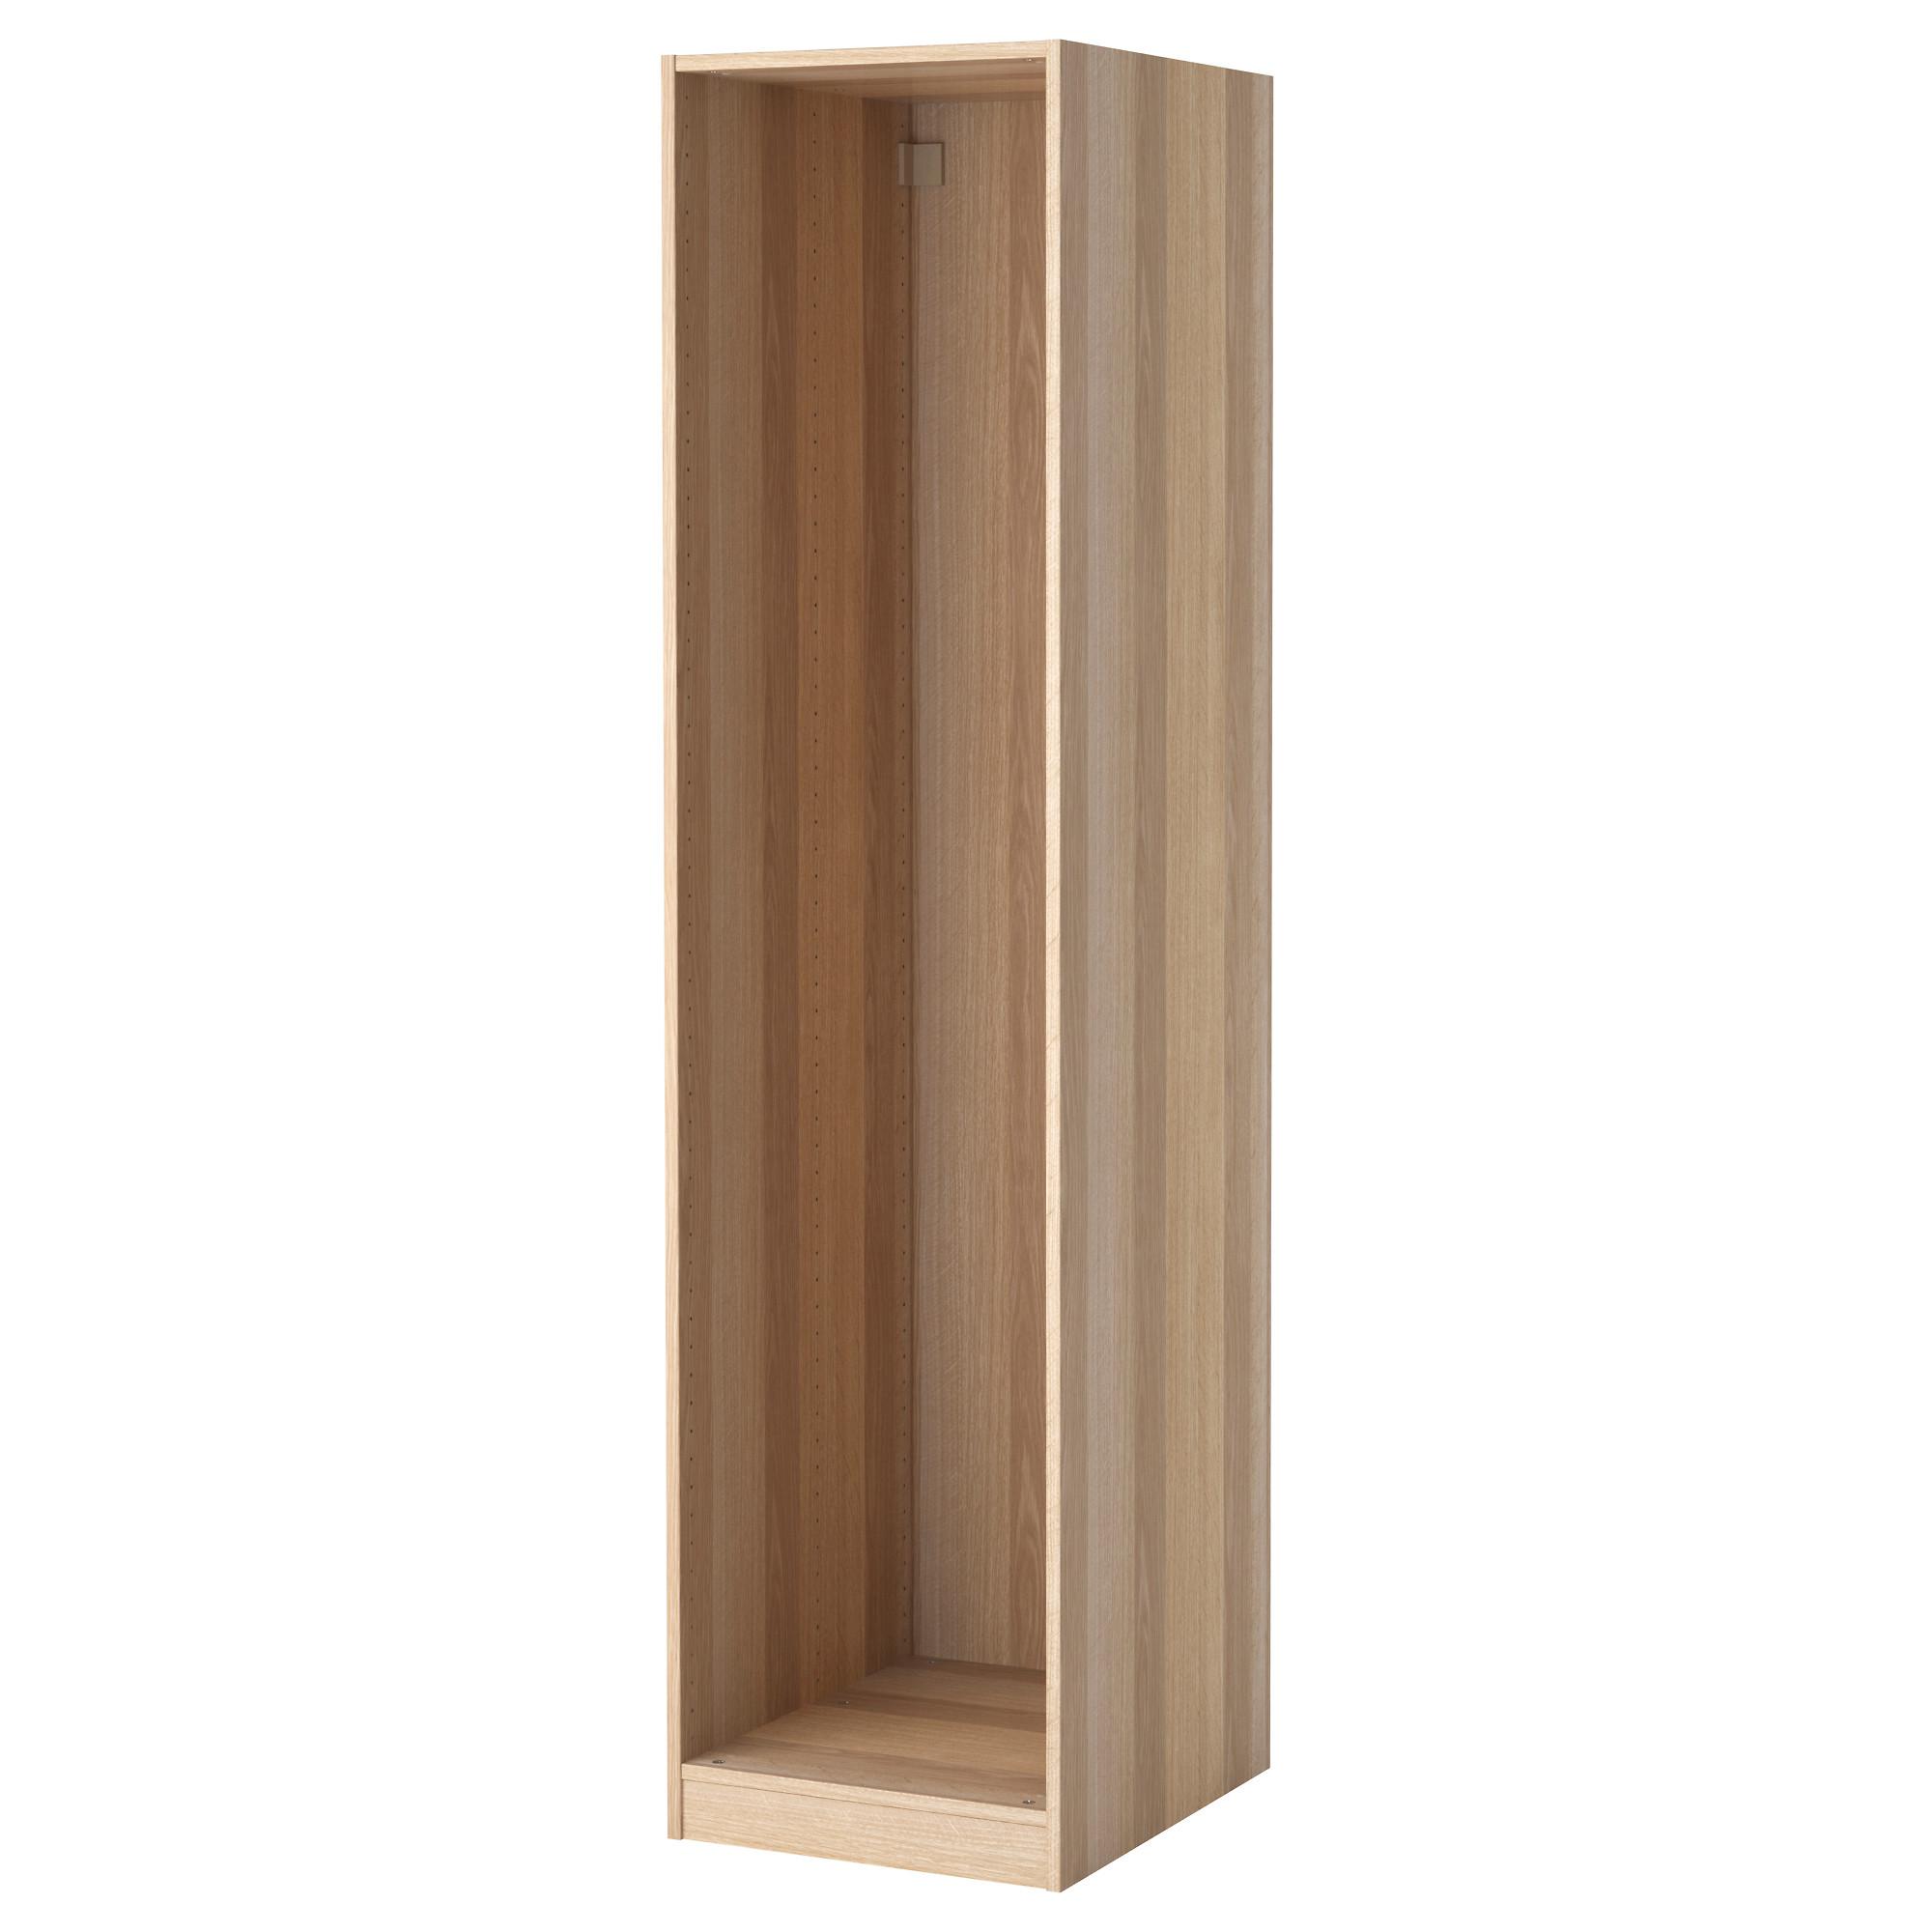 PAX Frames for Hinge Doors, IKEA (mit Bildern) Pax